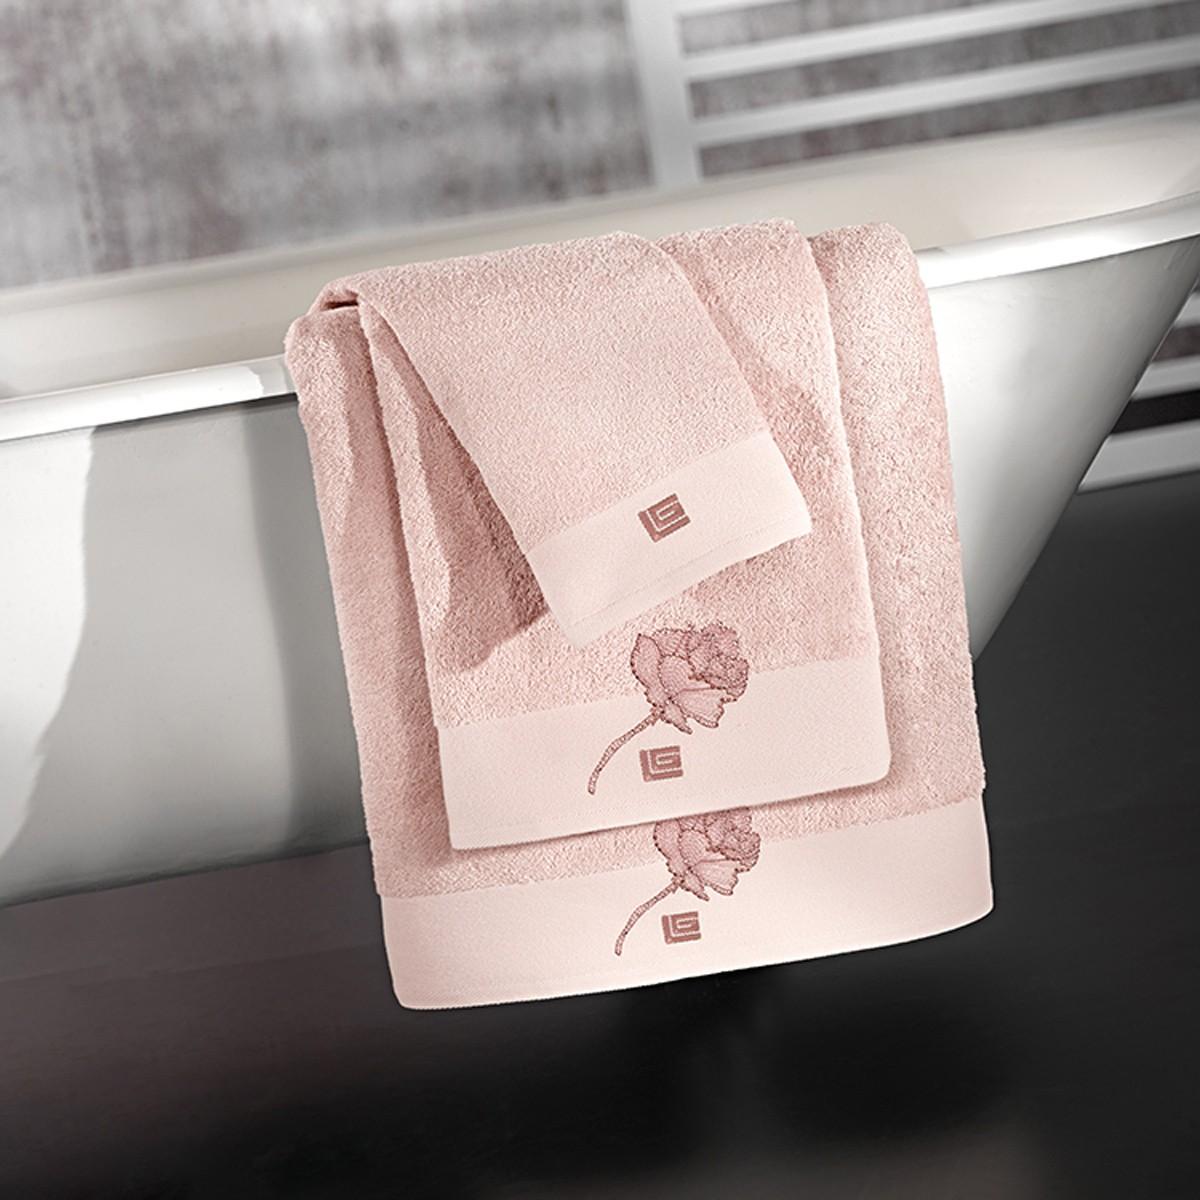 Πετσέτες Μπάνιου (Σετ) Guy Laroche Celia Old Pink home   μπάνιο   πετσέτες μπάνιου